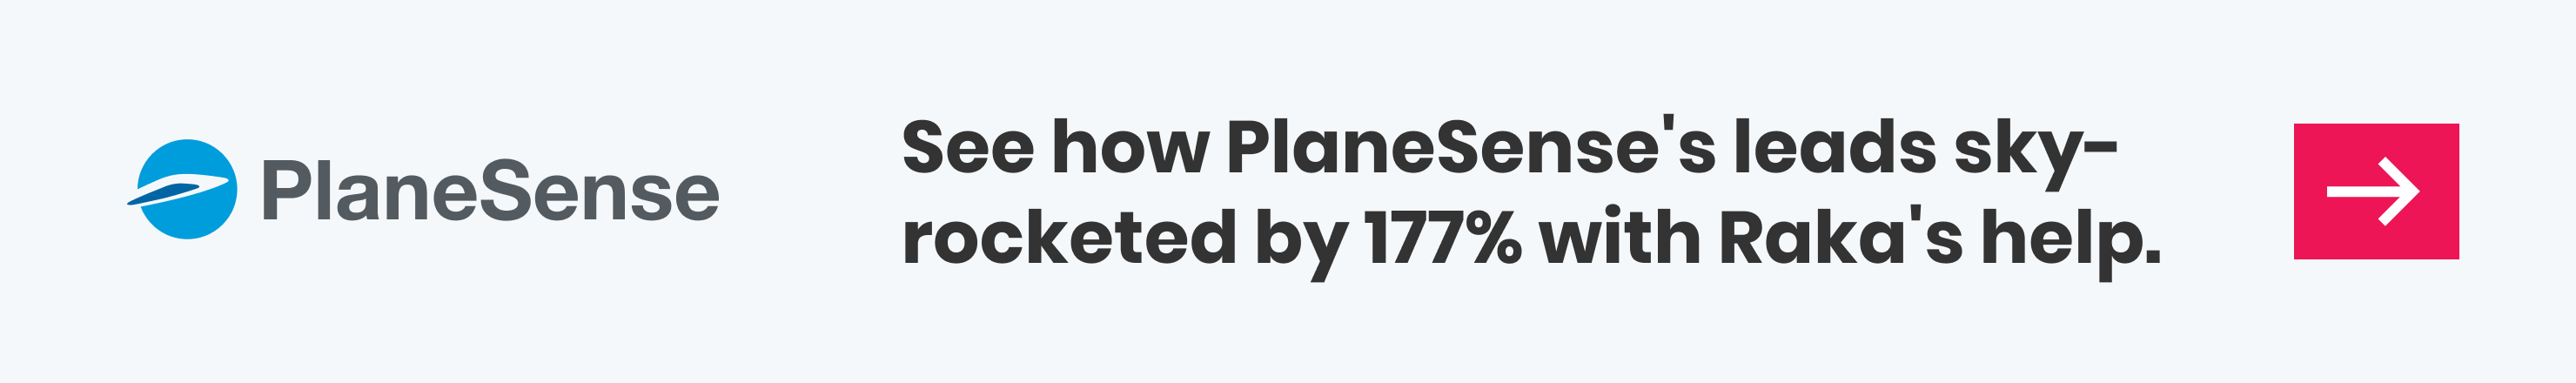 PlaneSense Case Study inline